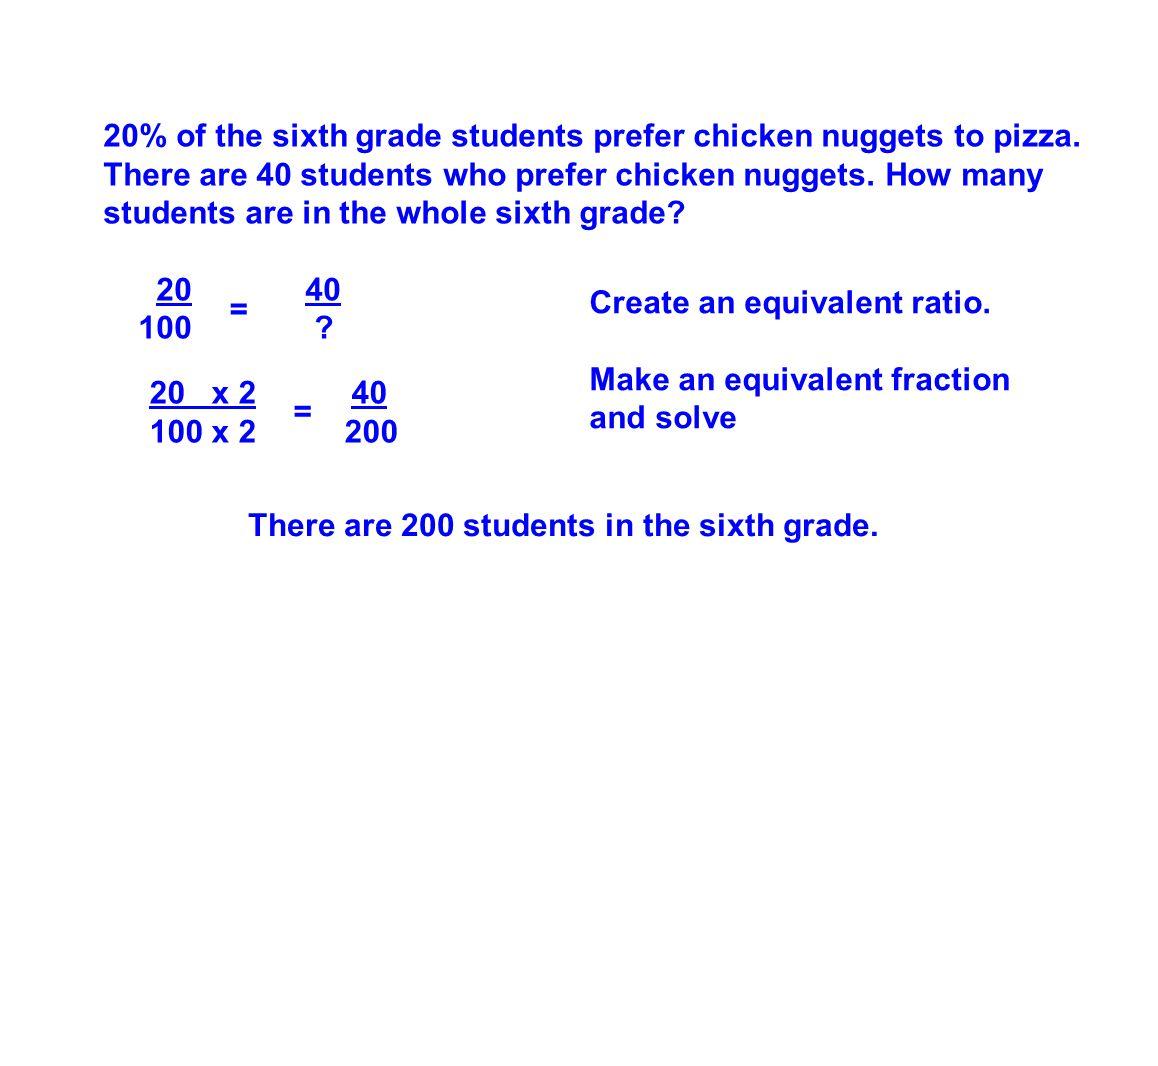 2040 100 .= 20 x 240 100 x 2 200 = Create an equivalent ratio.